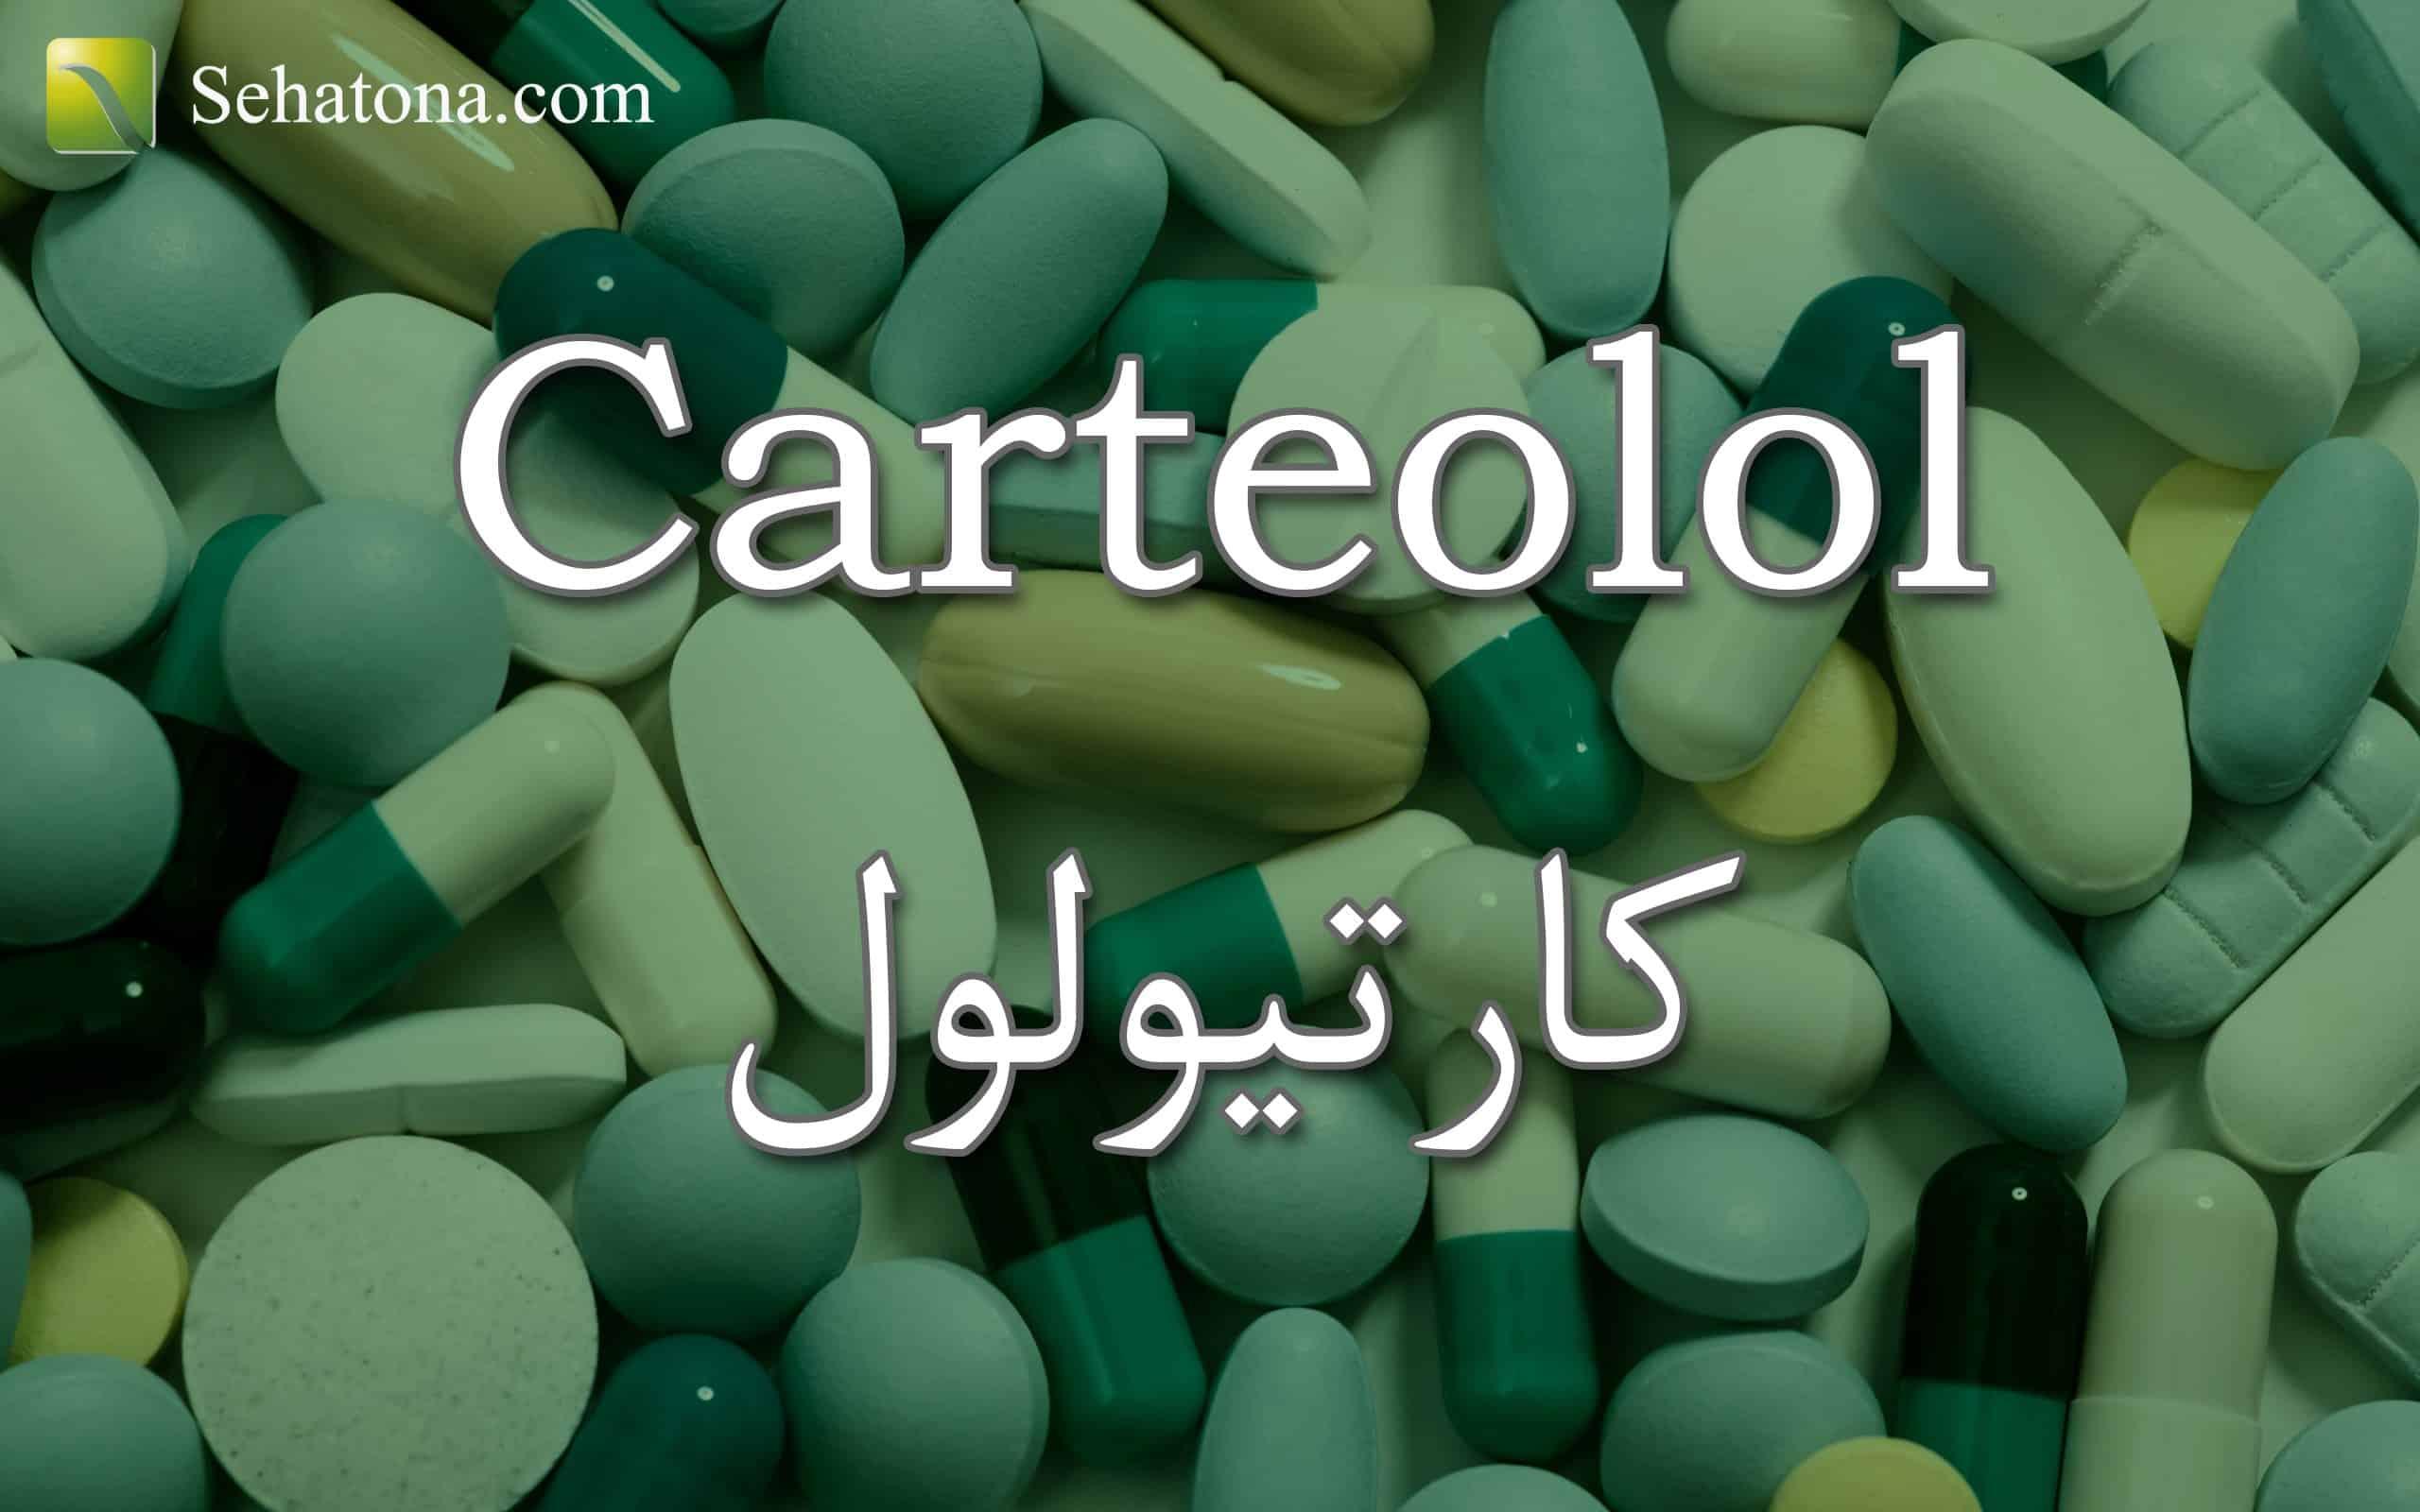 Carteolol